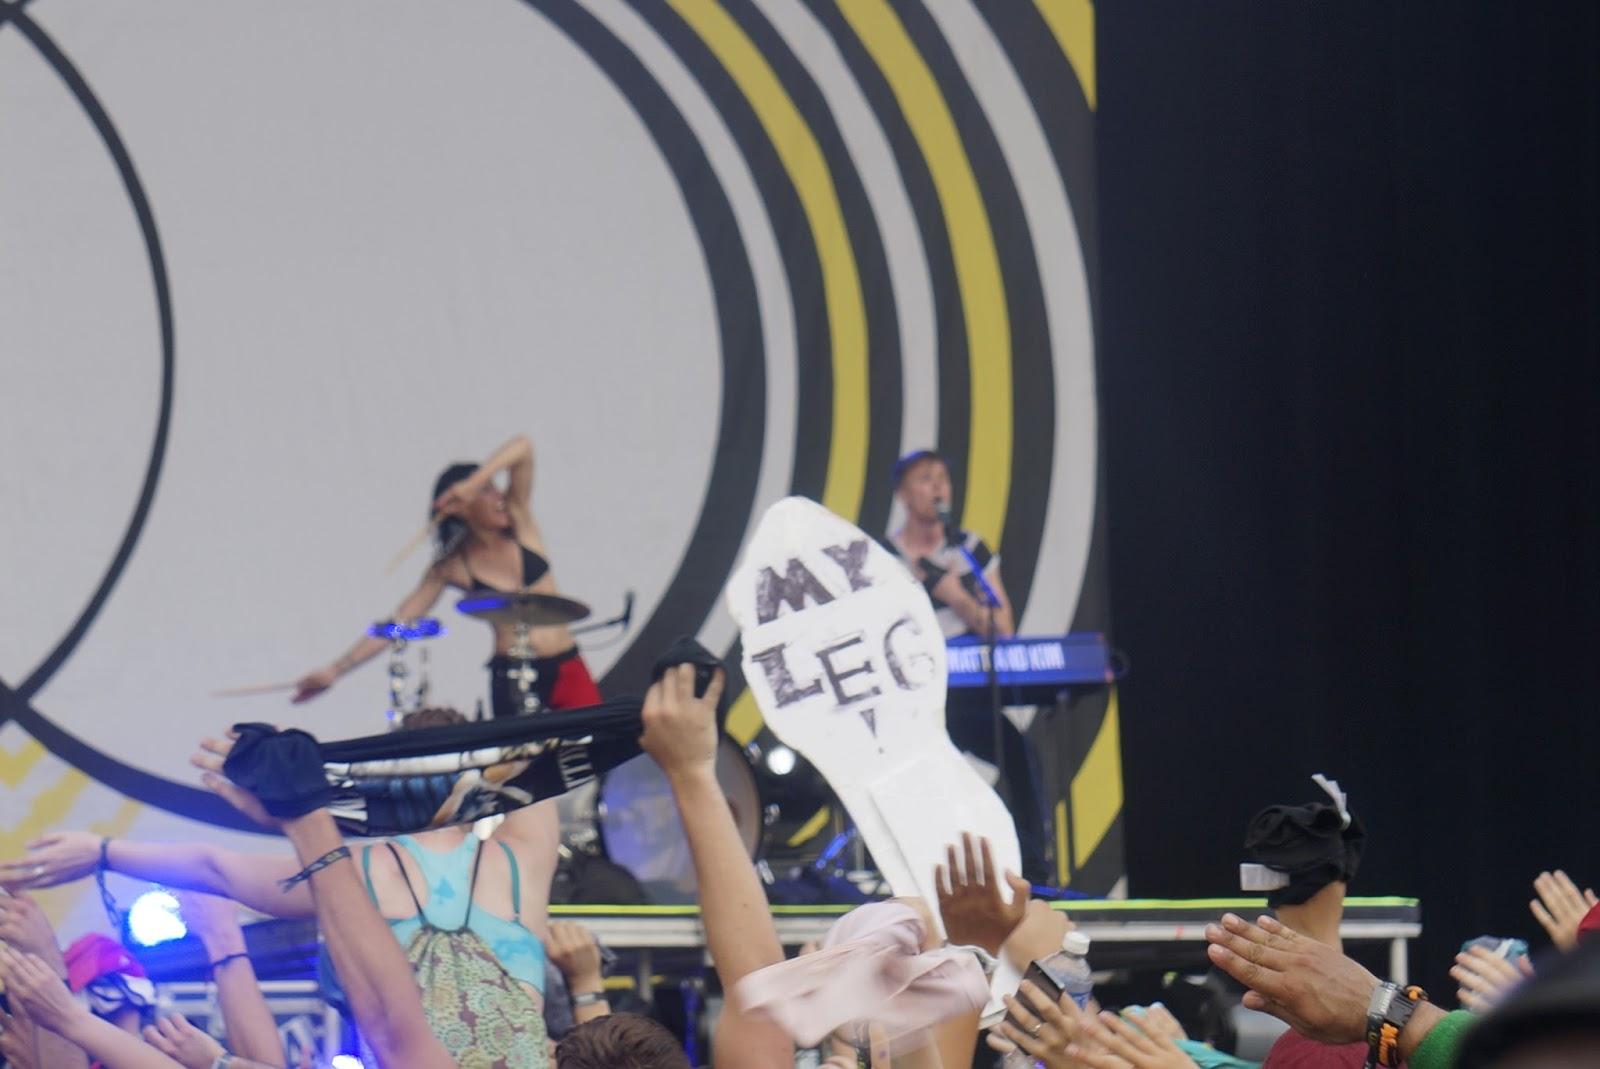 Concert 20150620 Matt & Kim - Adventures of Me